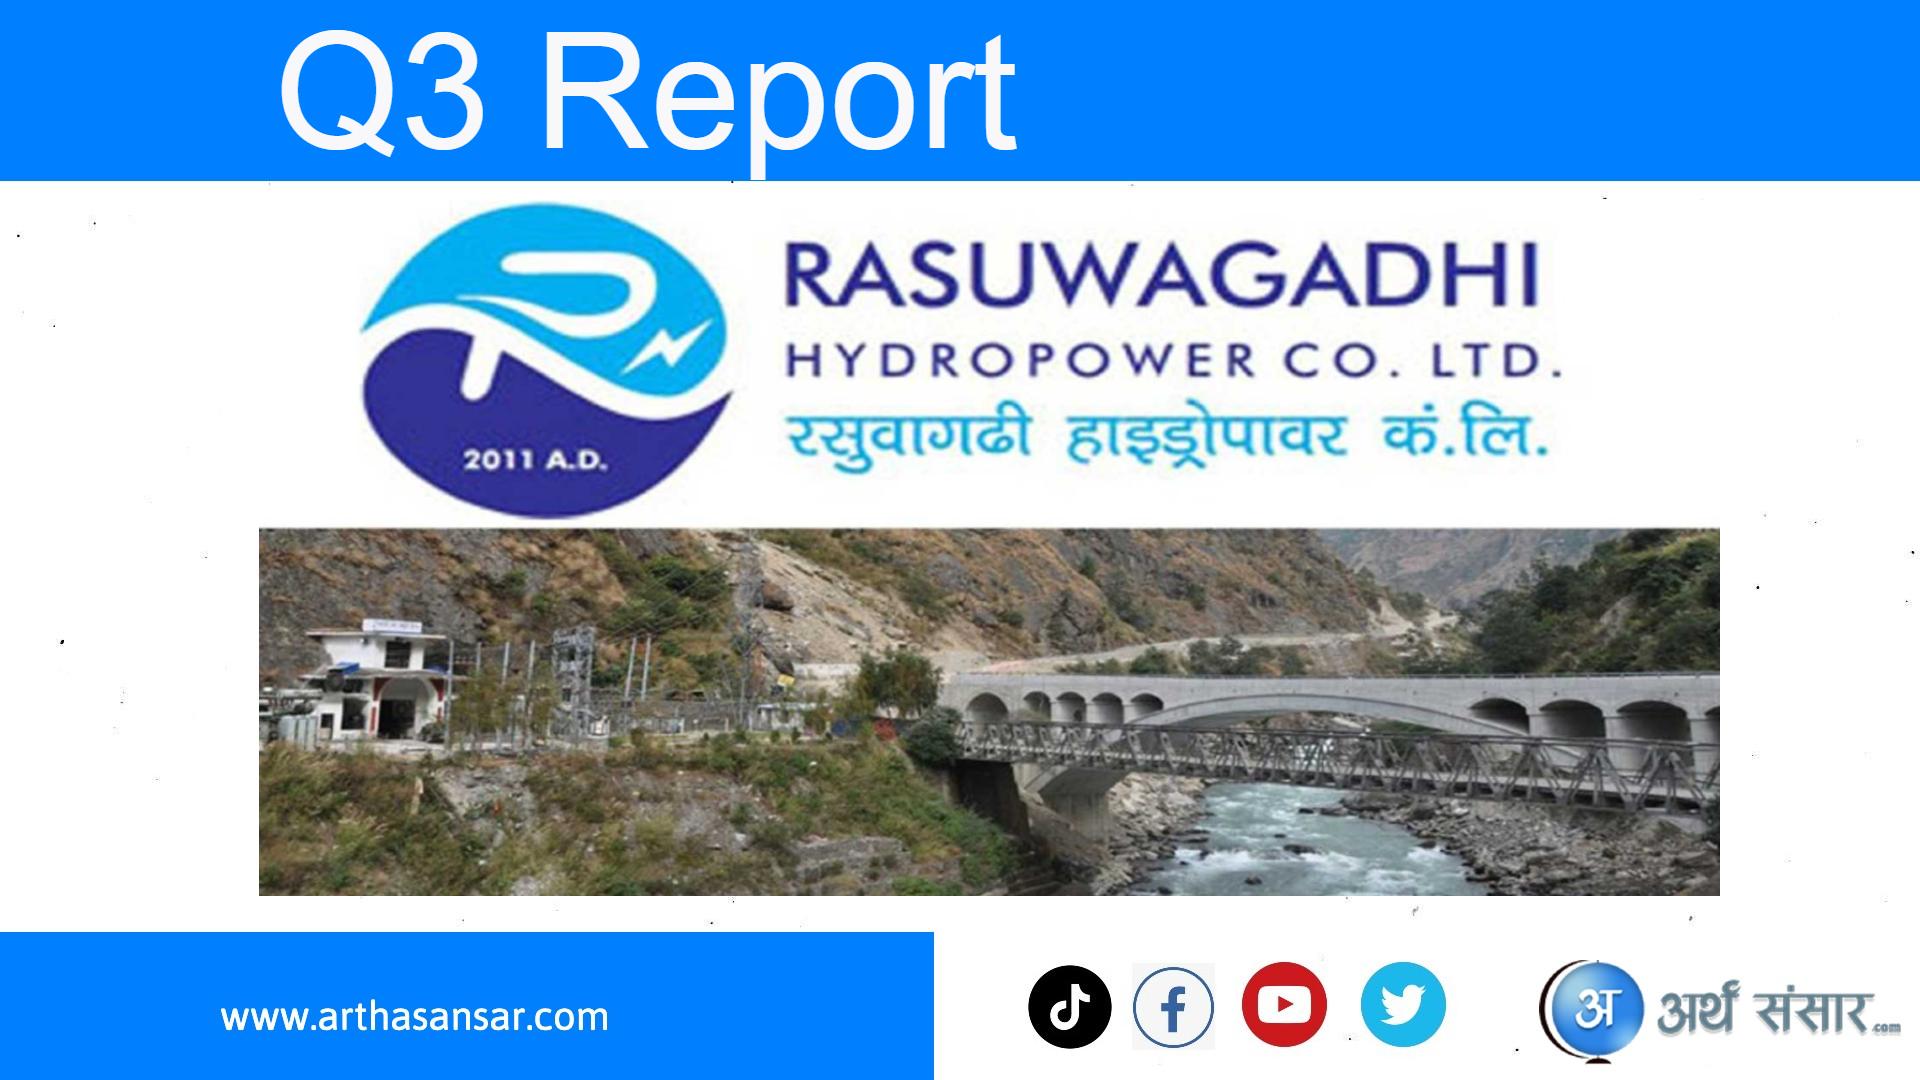 रसुवागढी हाइड्रोपावर २ करोड ४६ लाख नोक्सानमा, अन्य सूचक कस्ता छन् ?